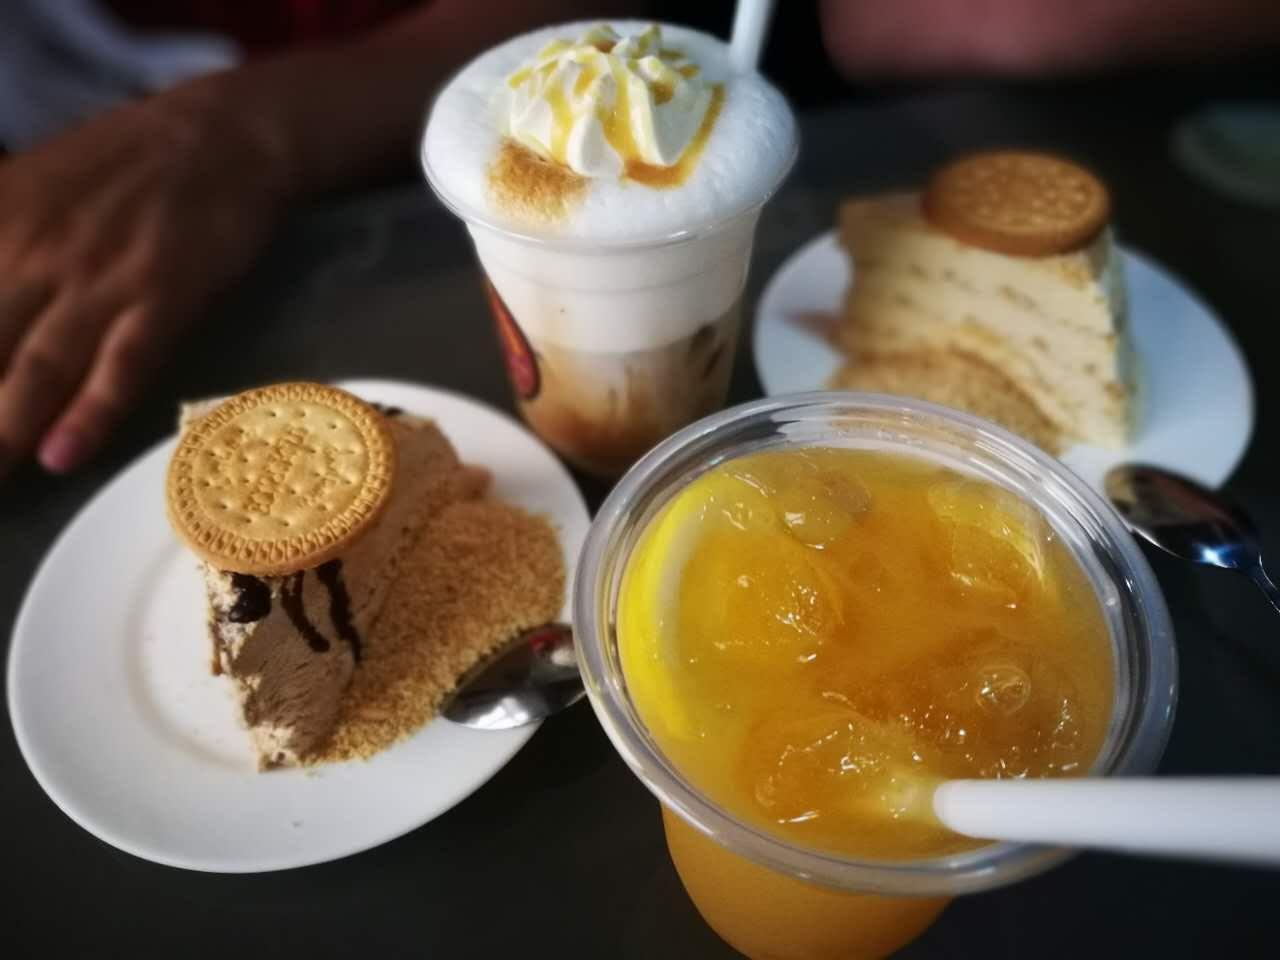 Desserts in Macau